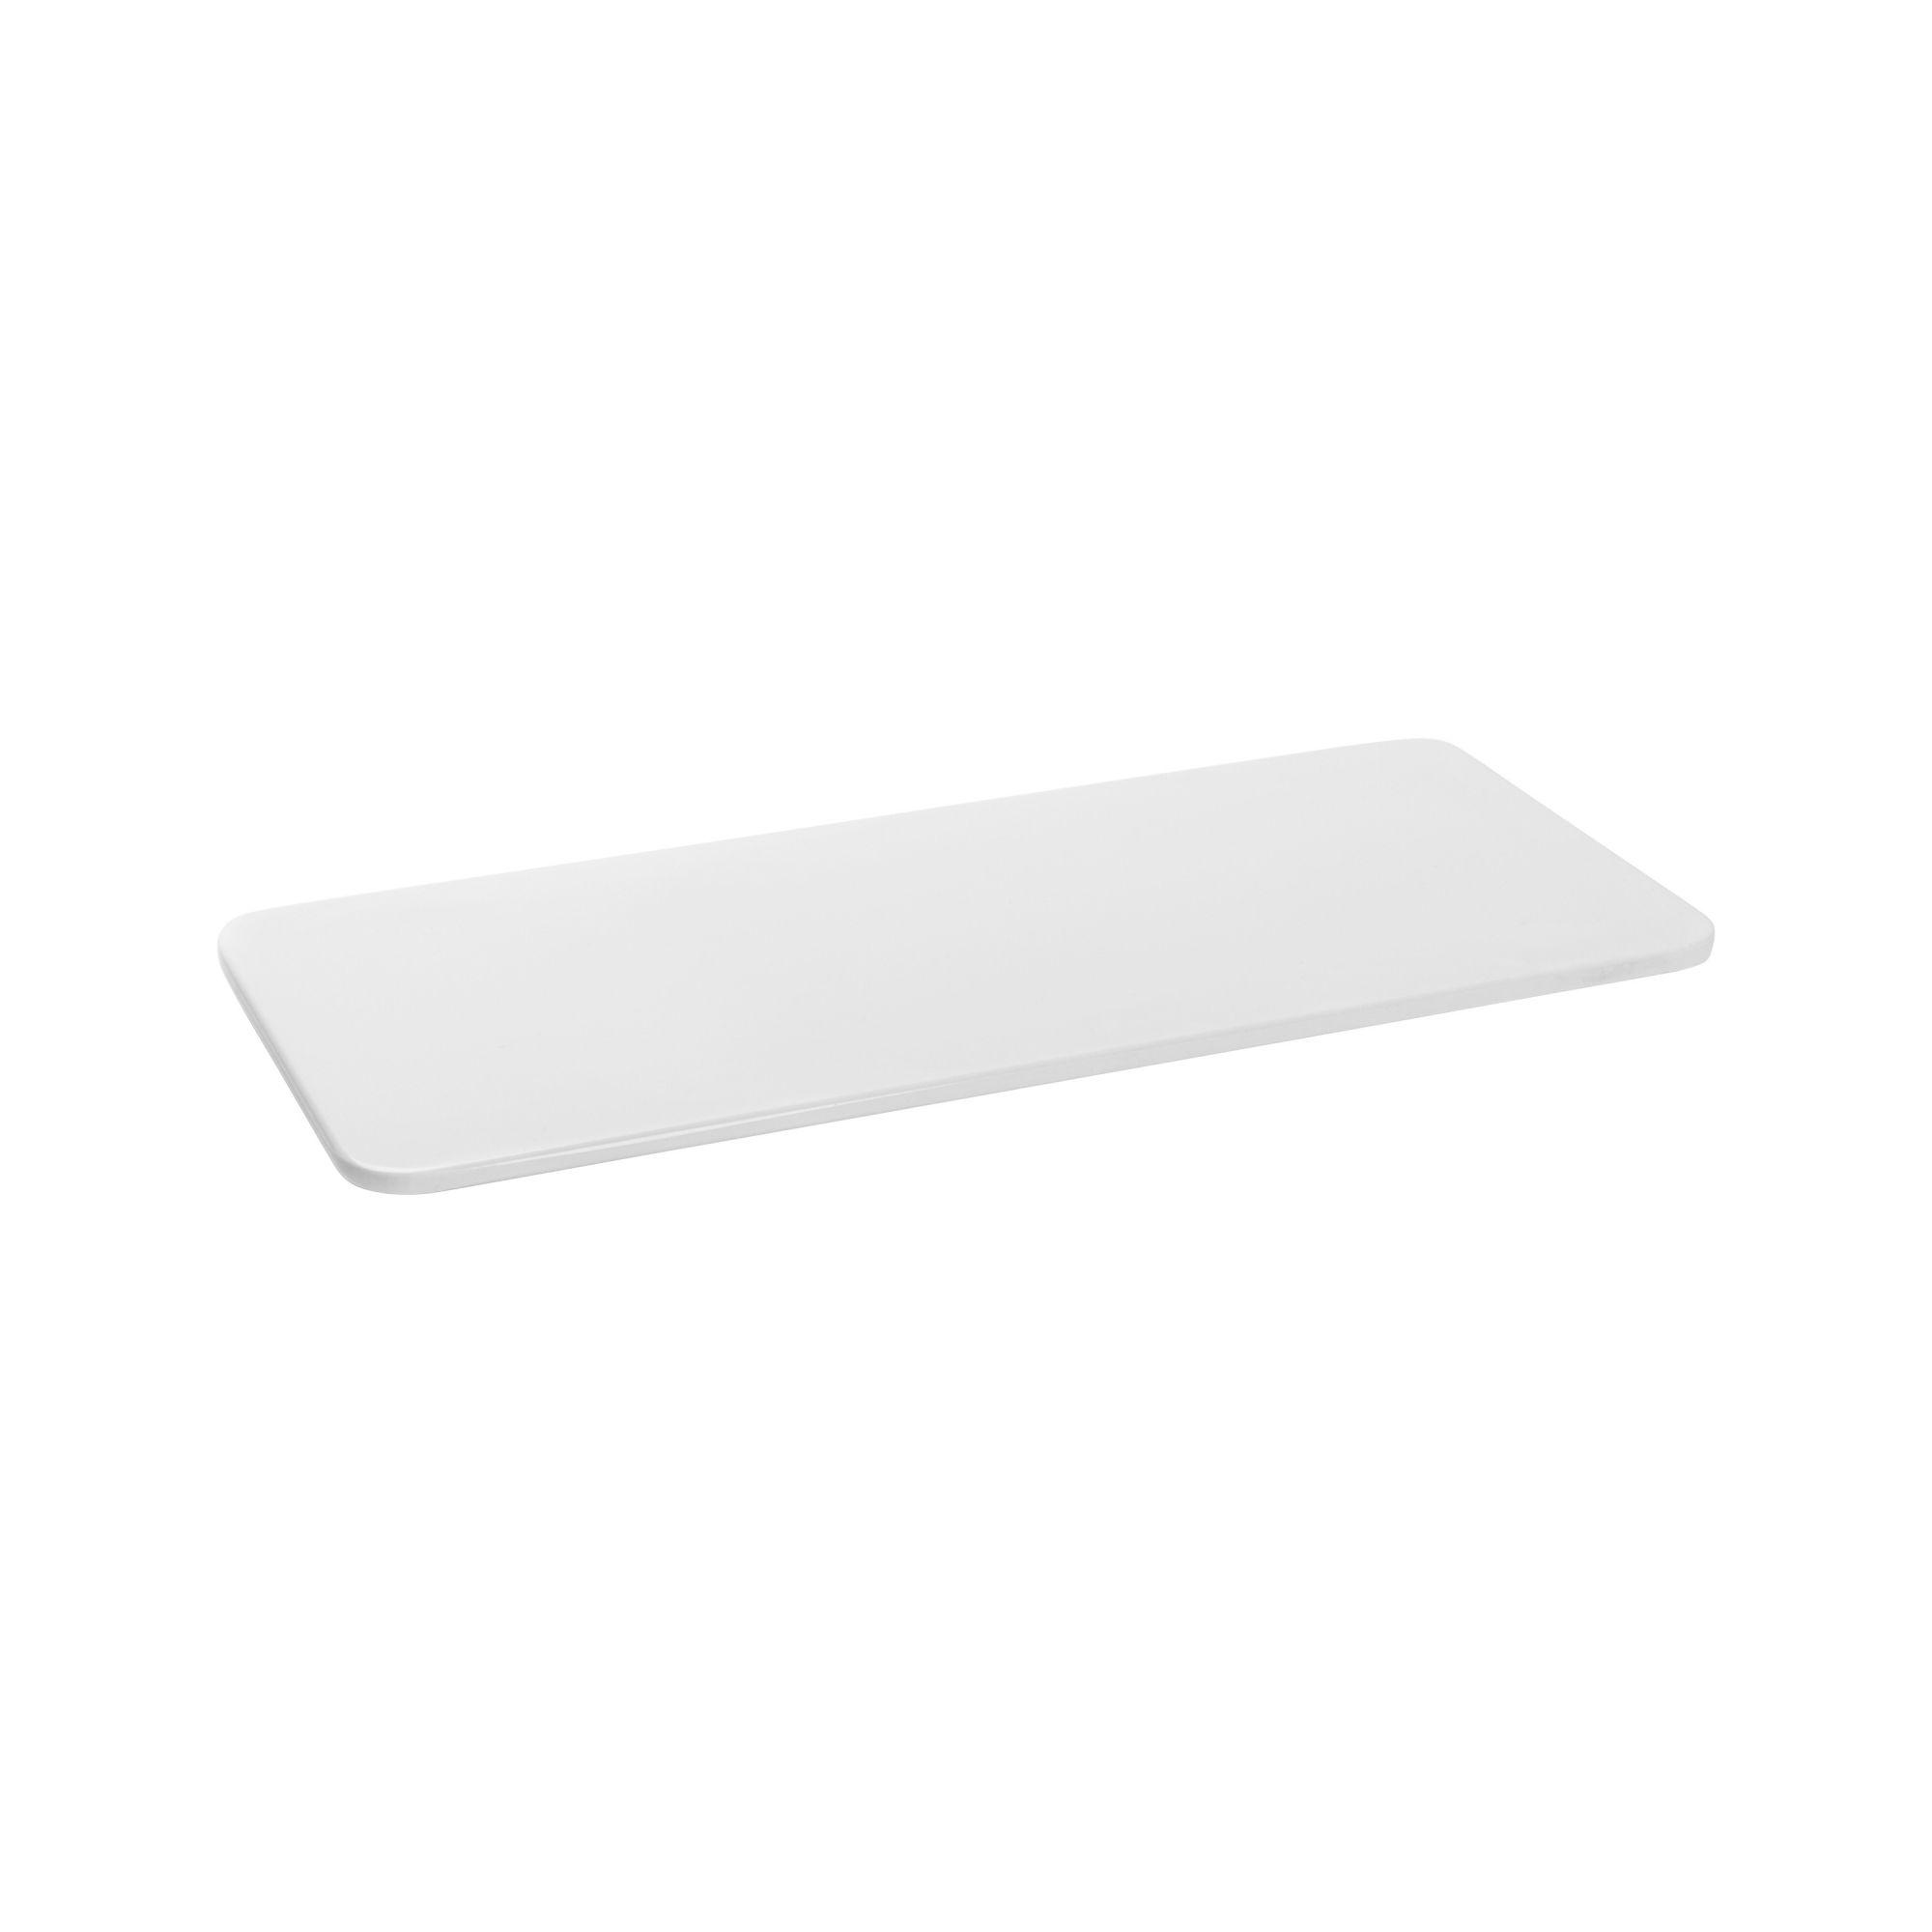 Tábua Para Servir Retangular Em Melamina 32,3X13,7Cm - Branco Marfim - Oxford